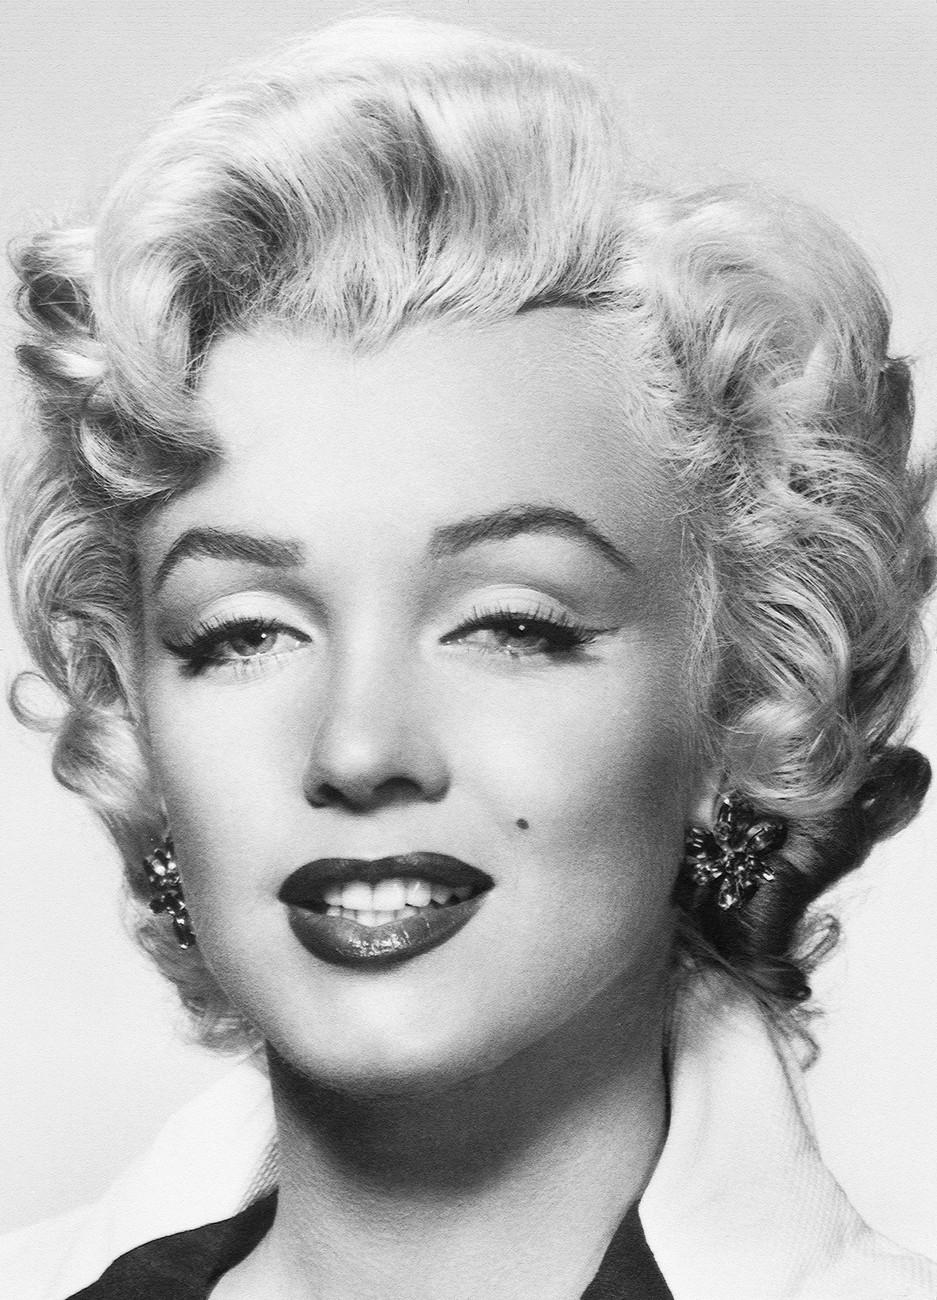 Marilyn Monroe Beauty Mark